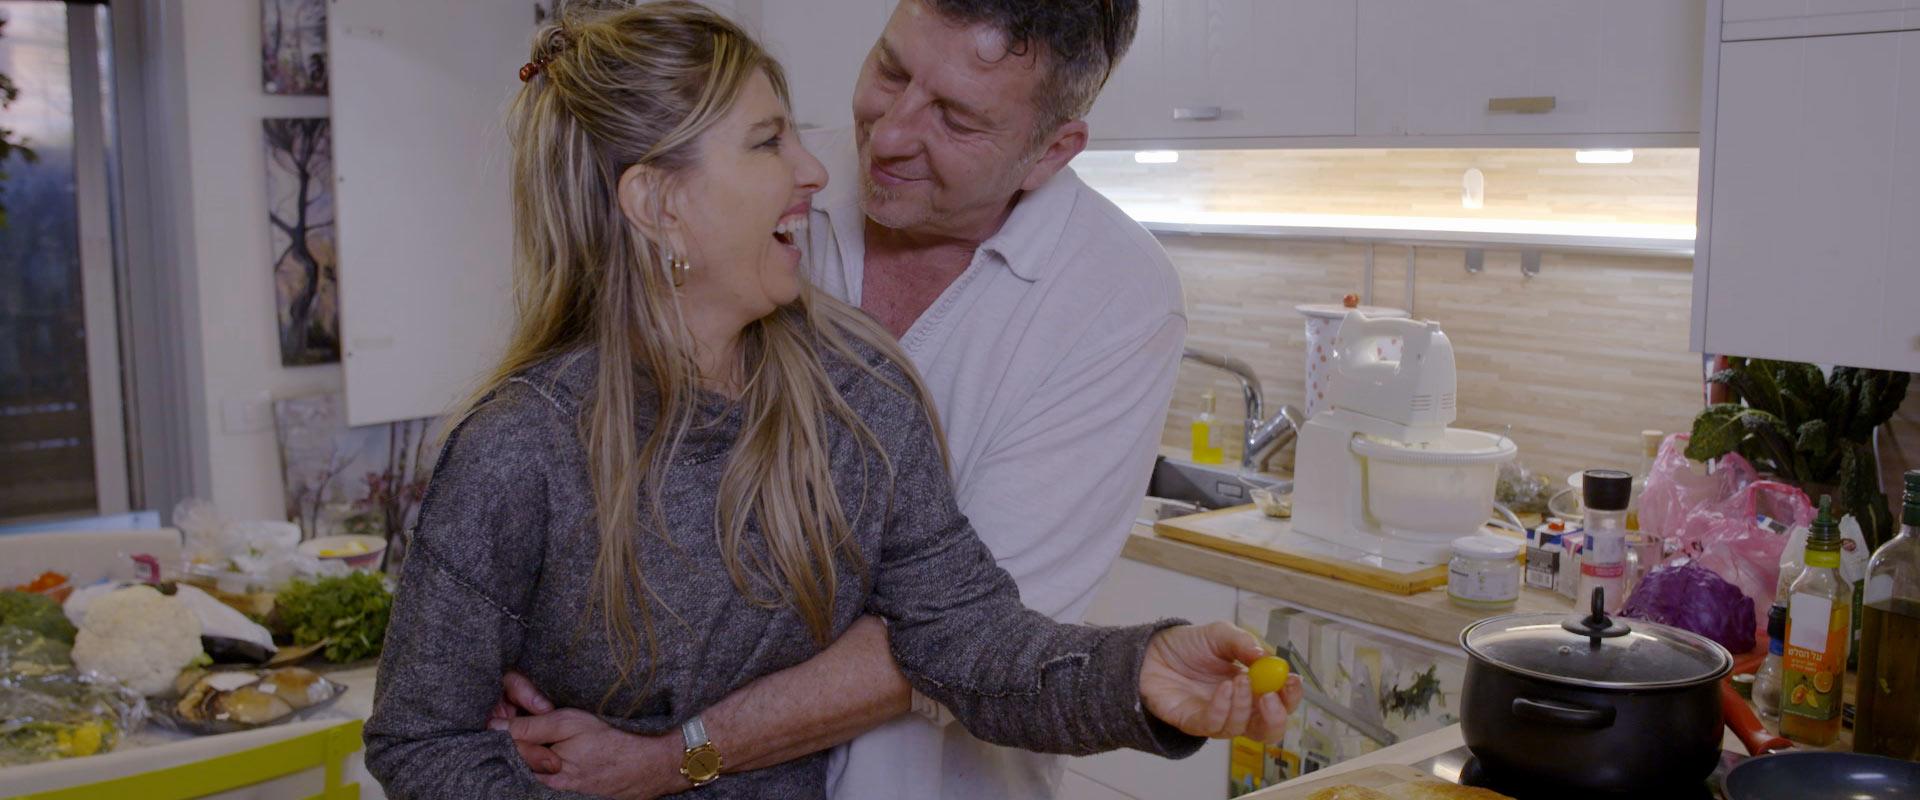 רונית ואייל - בואו לאכול